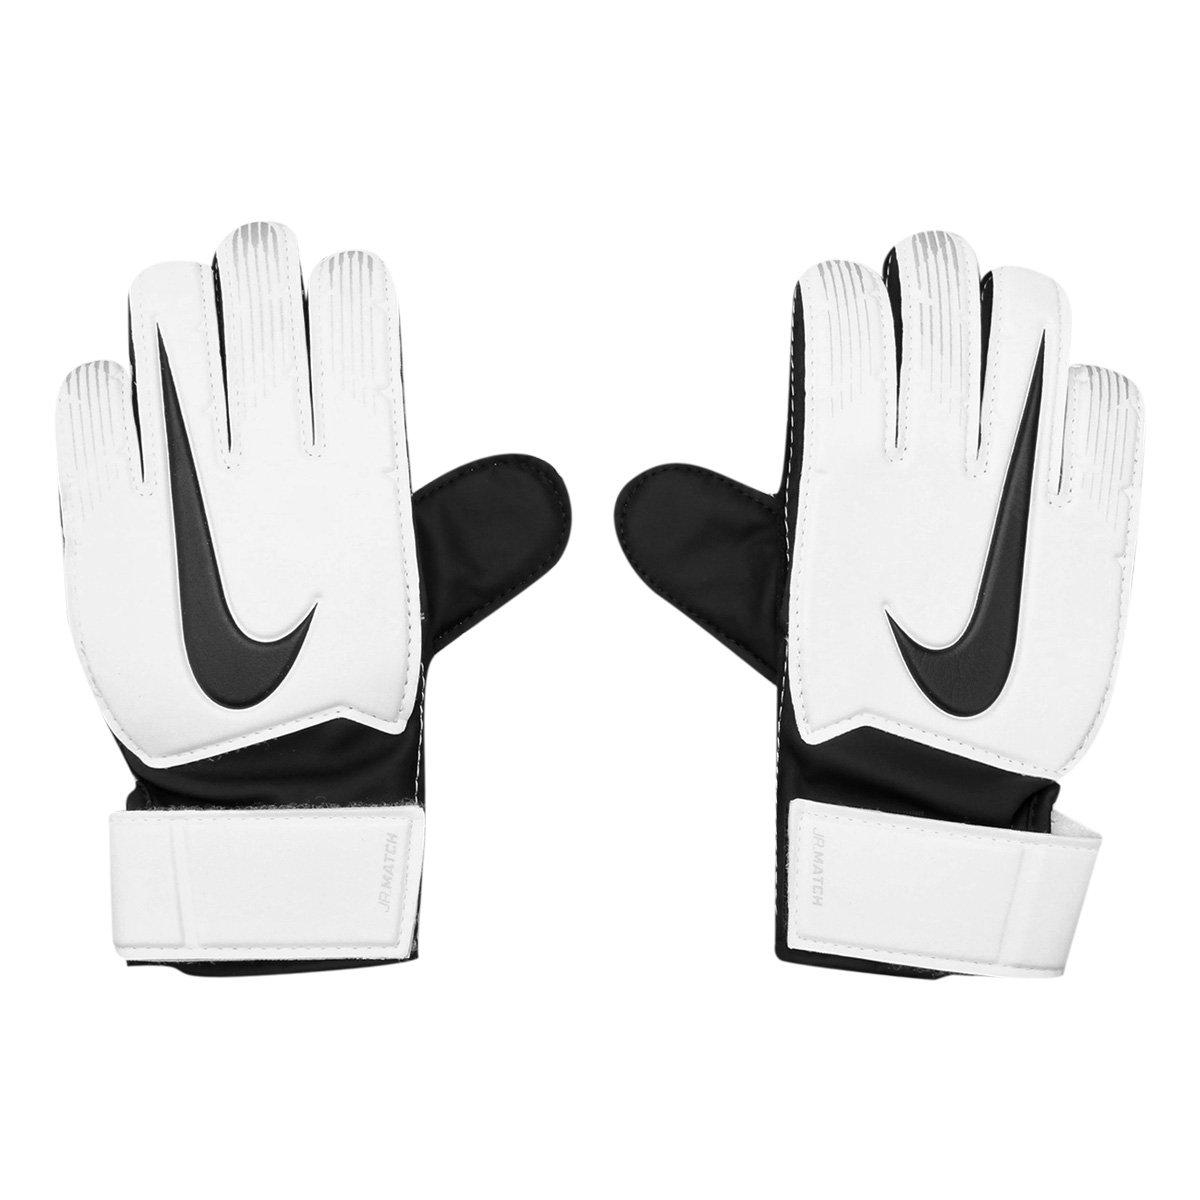 c82fe7ec8 Luva de Goleiro Infantil Nike Match - Branco e Preto